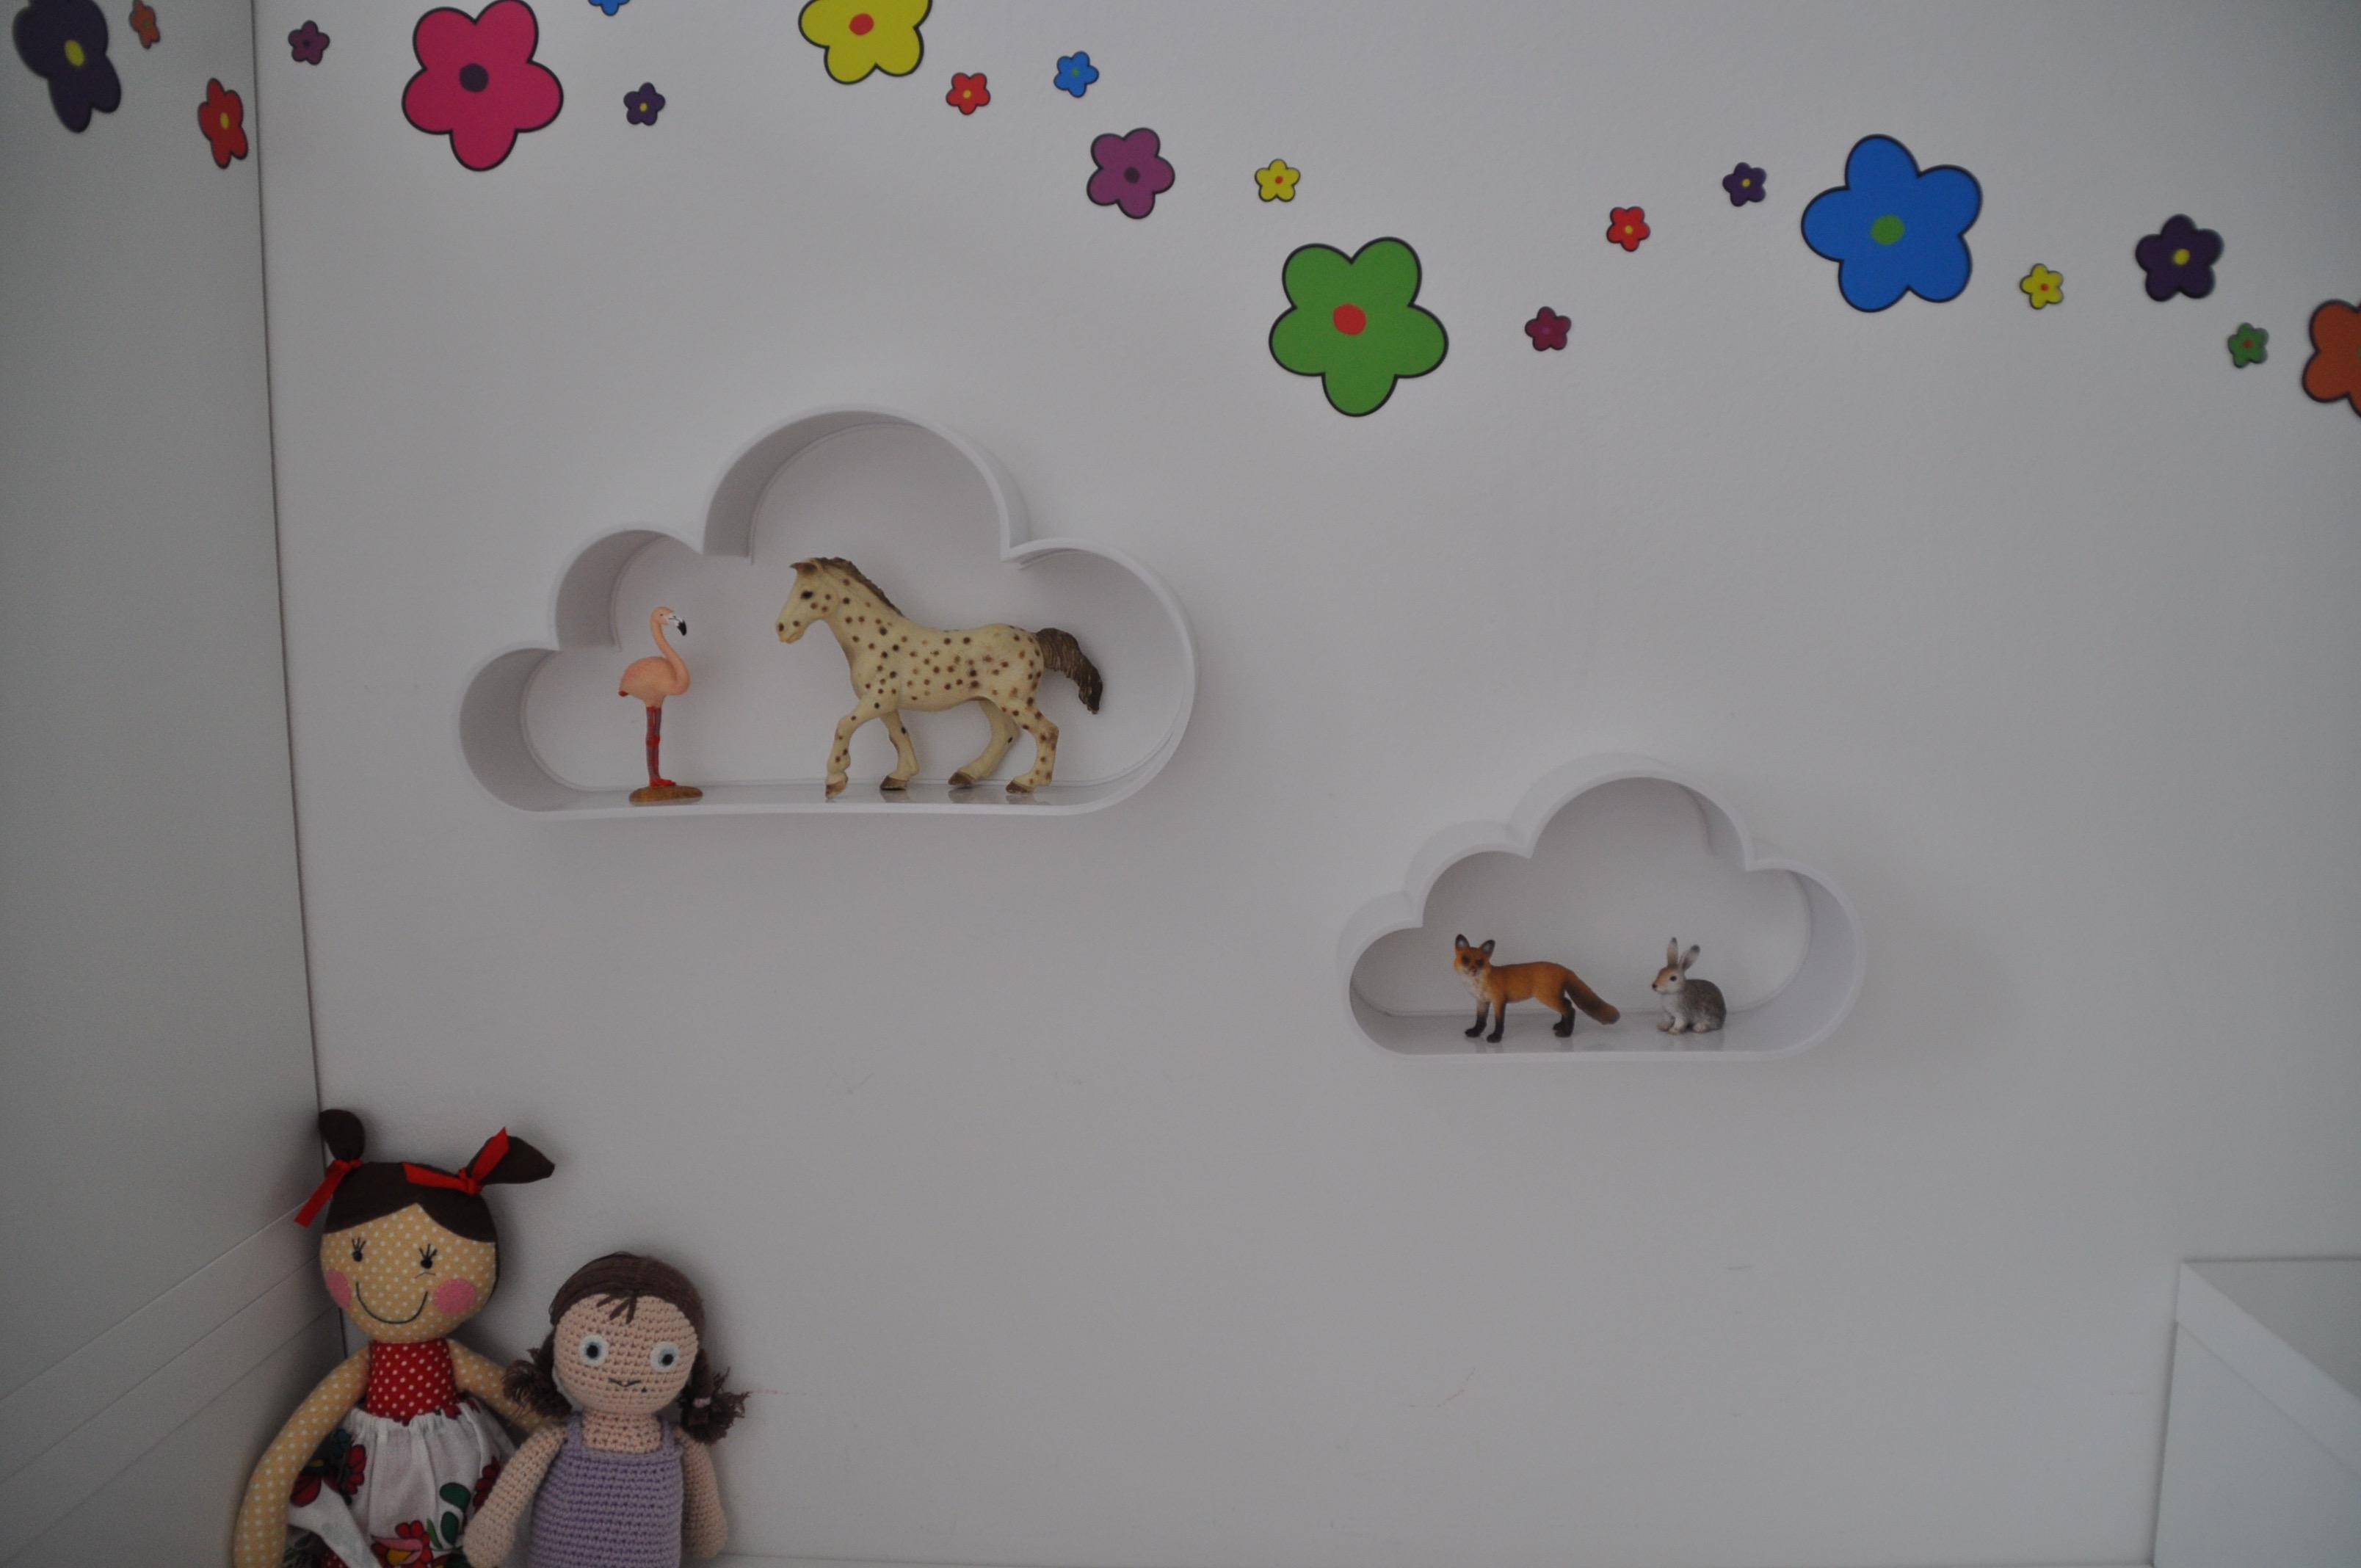 Nett Wiese Malen Kinderzimmer Zeitgenössisch - Die Designideen für ...